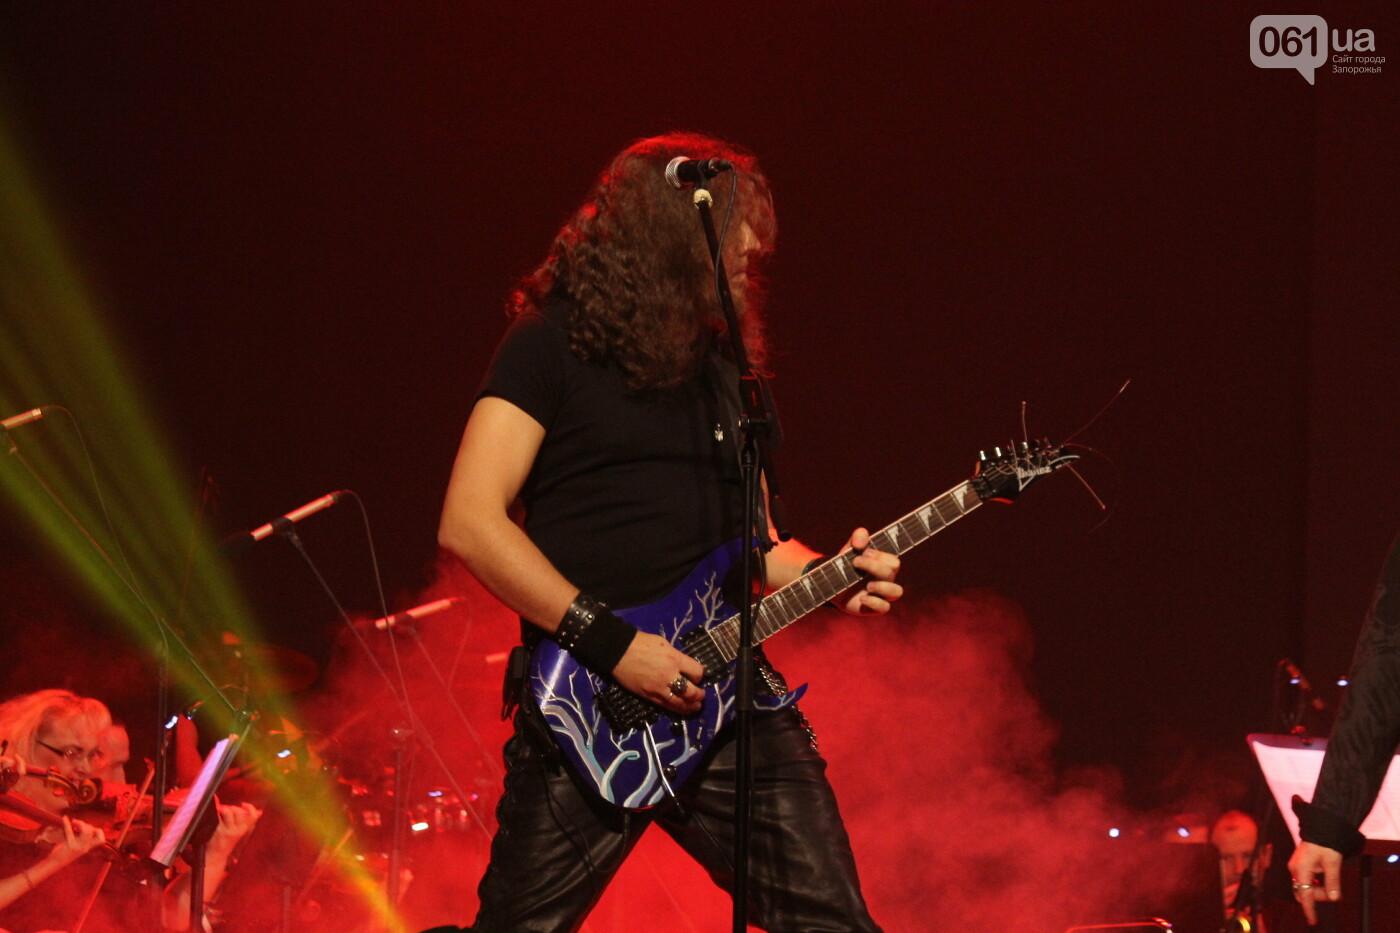 Тяжелый рок в симфоническом звучании: каким было Hard Rock Show в Запорожье, – ФОТОРЕПОРТАЖ, фото-6